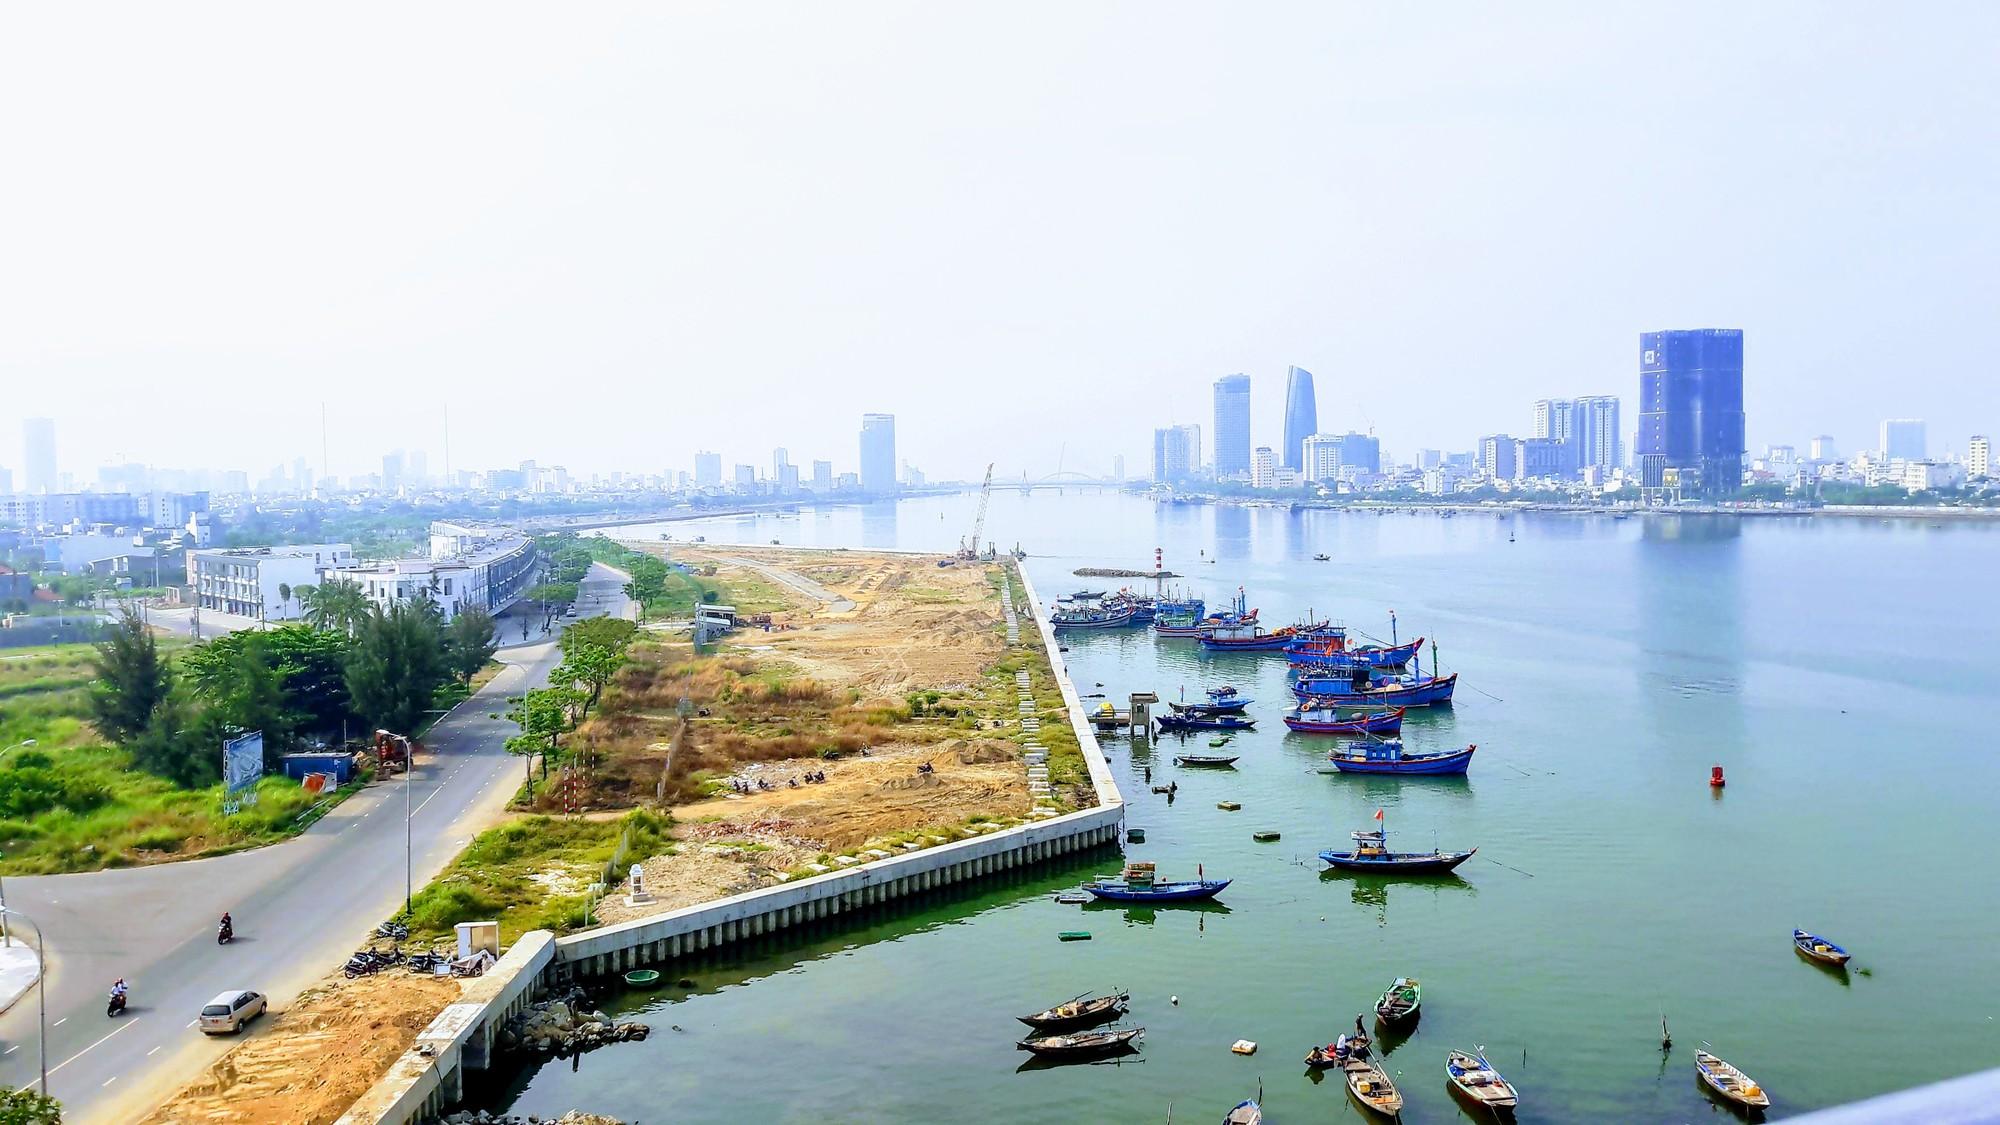 Phó Chủ tịch Đà Nẵng: Không chỉ tạm dừng Marina Complex mà tất cả dự án ven sông Hàn cũng không được thi công - Ảnh 1.